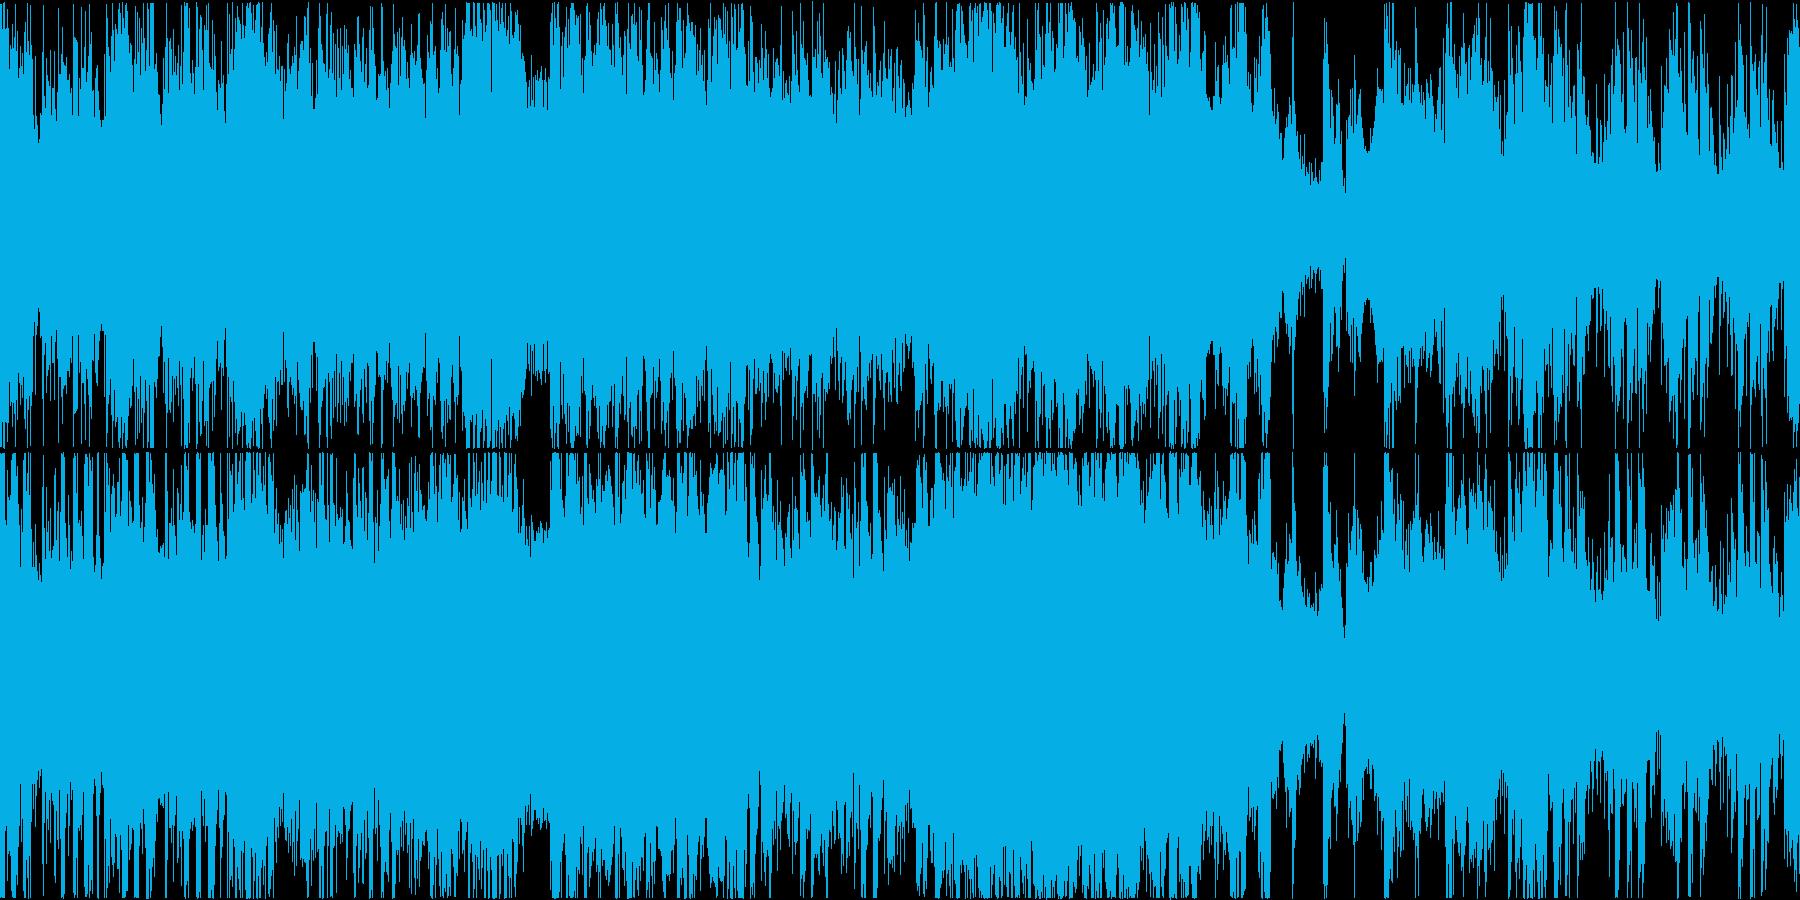 【ループ】戦闘曲/迫力・巨大・ボス・緊迫の再生済みの波形